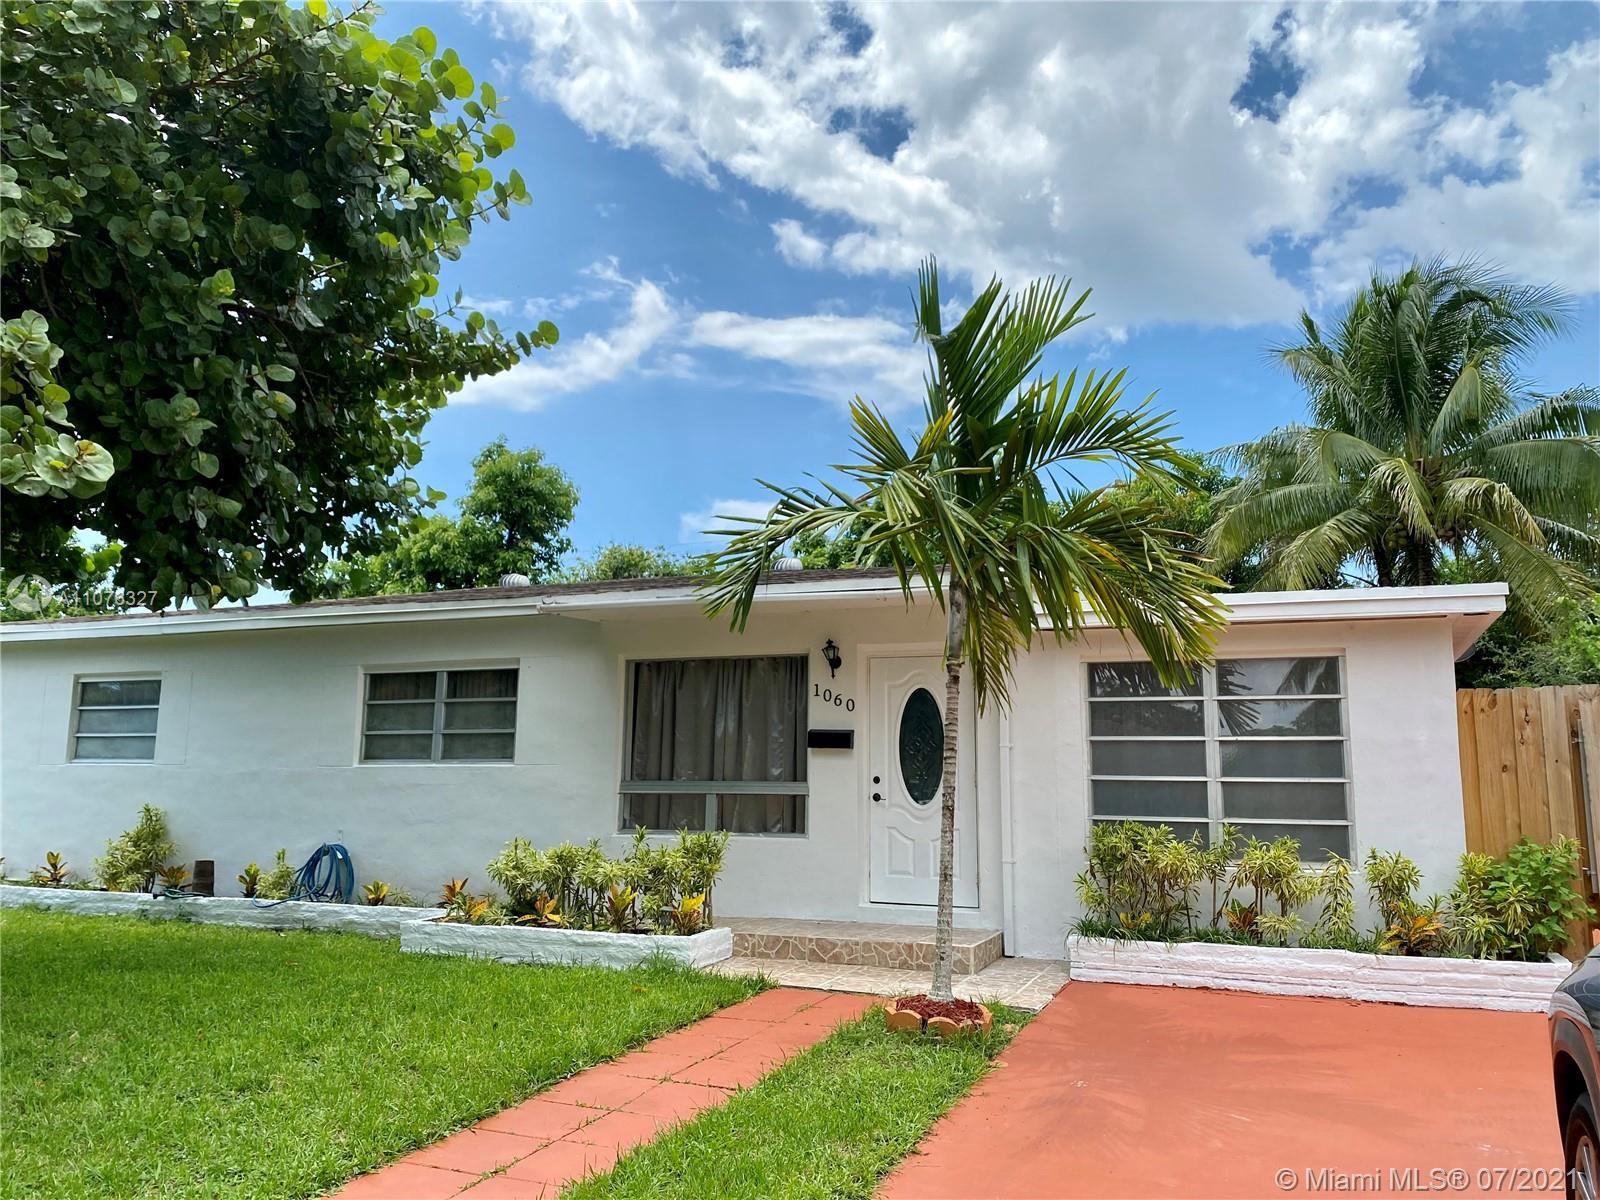 Photo of 1060 NE 156th St, North Miami Beach, FL 33162 (MLS # A11076327)